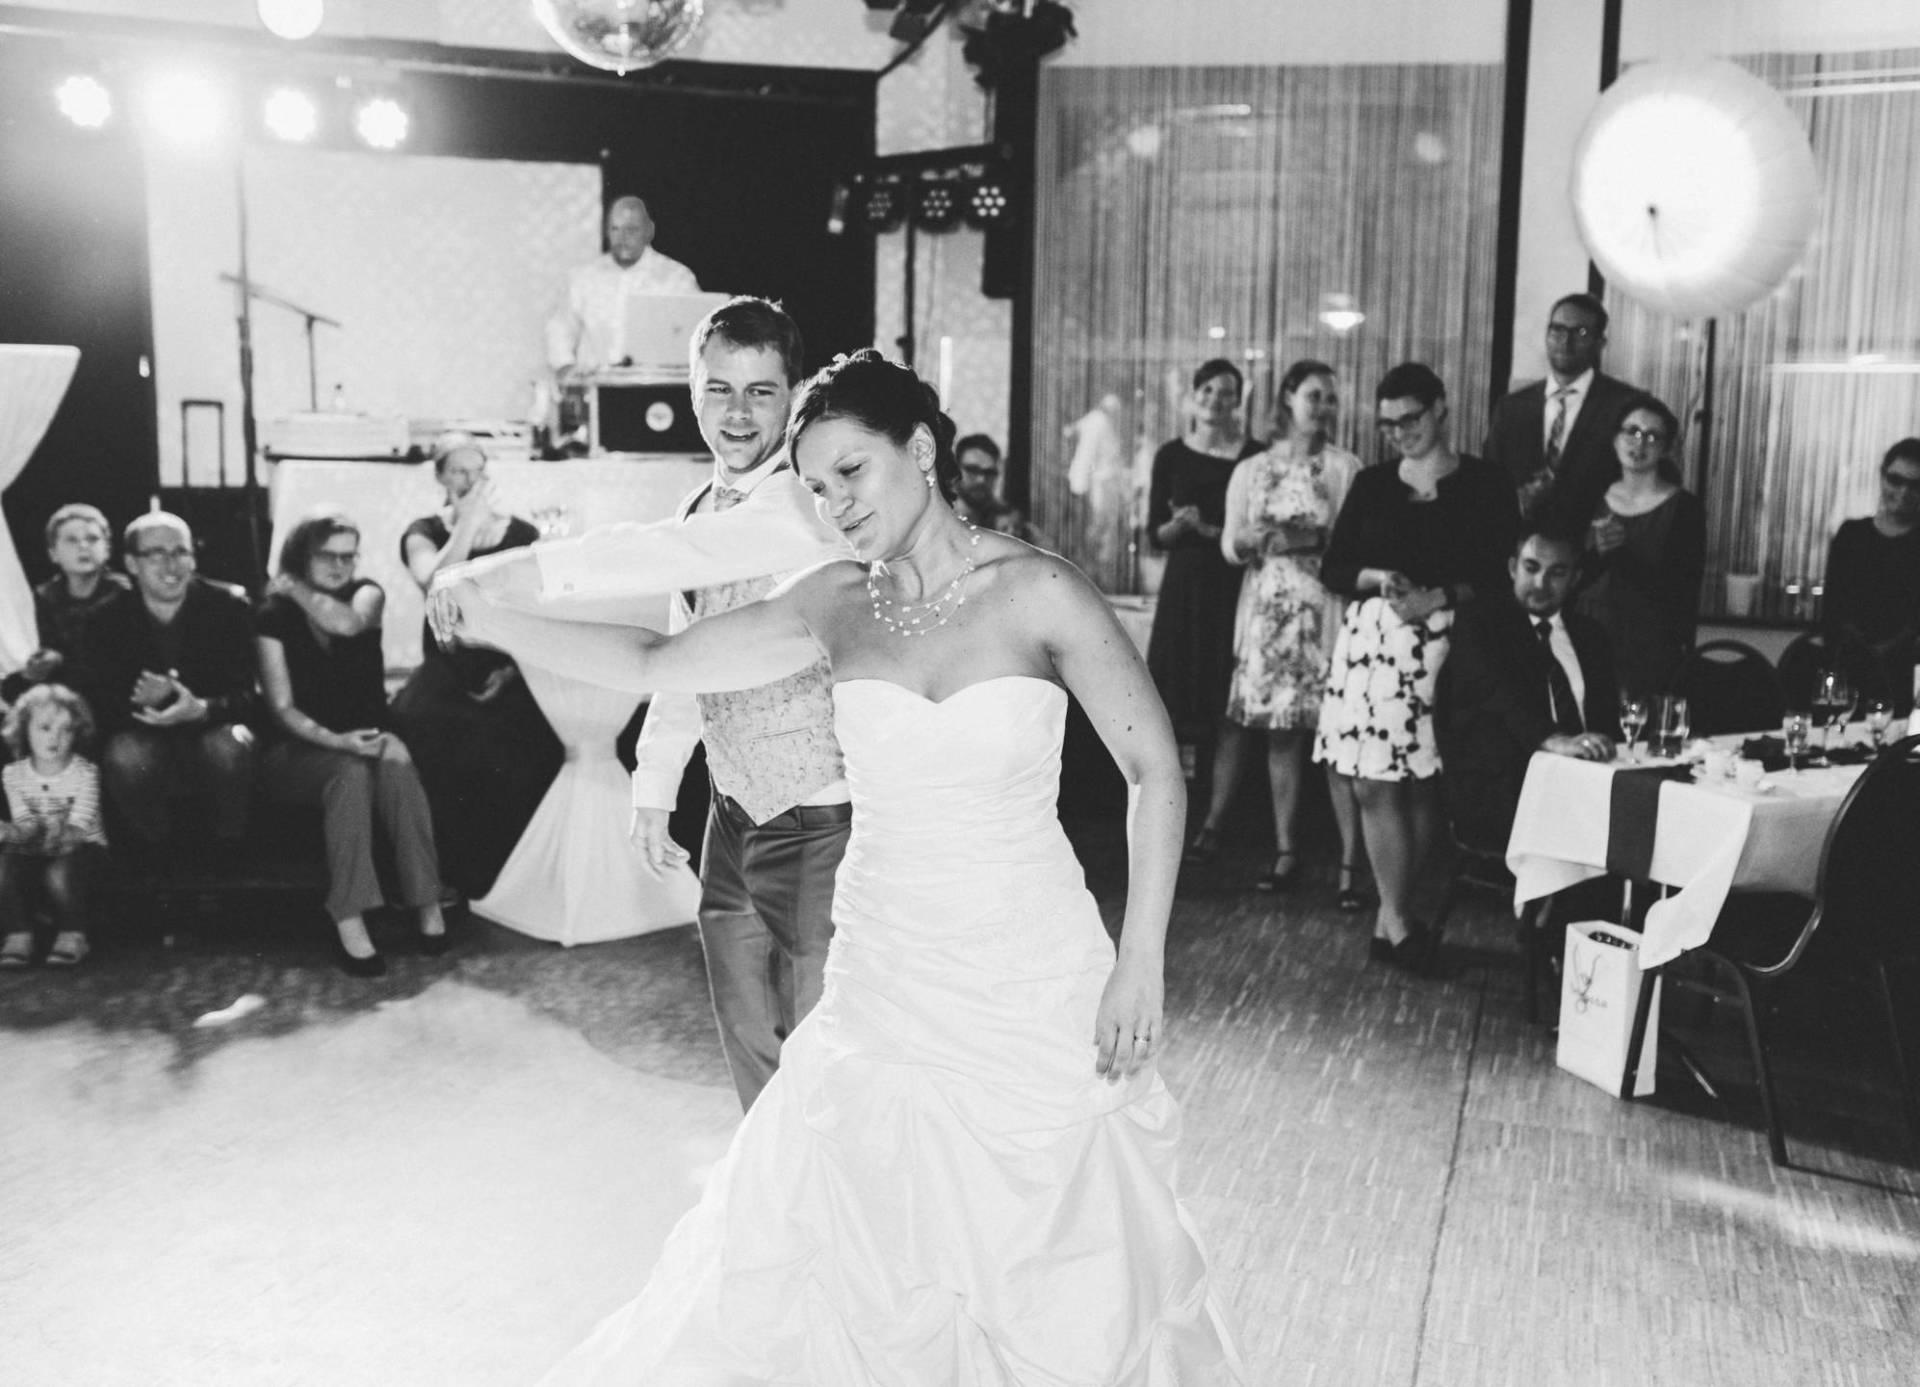 Hochzeitsreportage | Hochzeit im Paradies Jena | 45